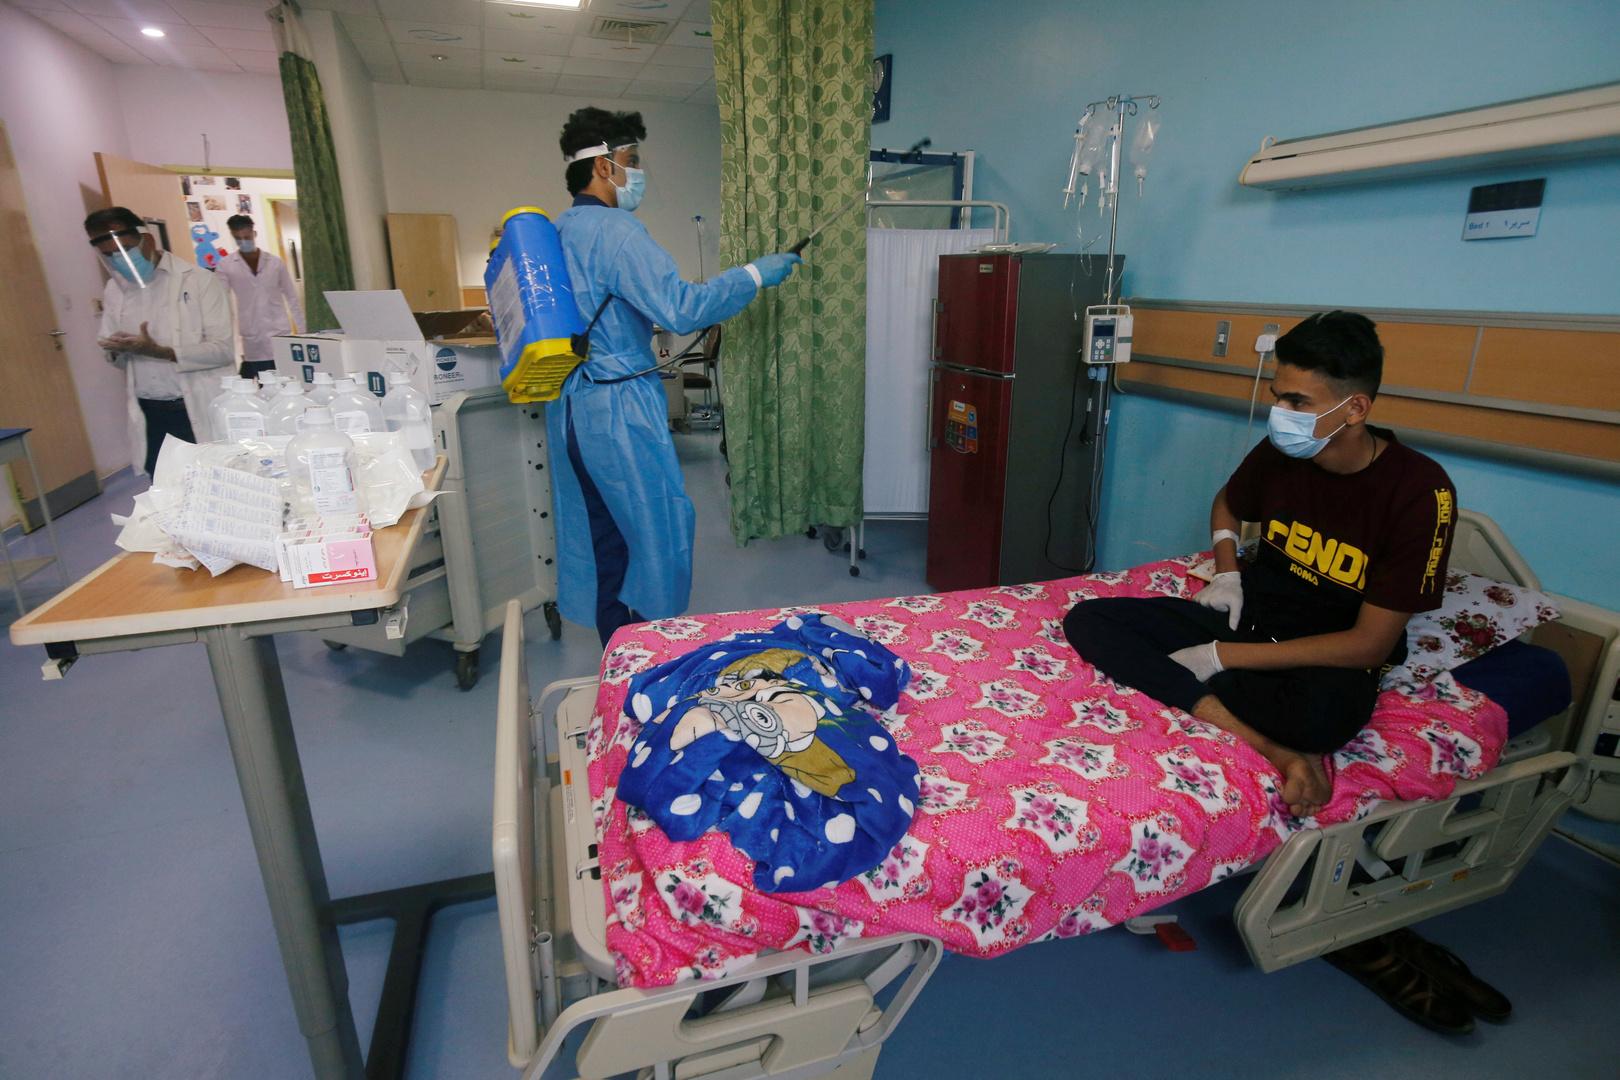 العراق يسجل 2281 إصابة و90 وفاة بكورونا خلال الـ24 ساعة الماضية